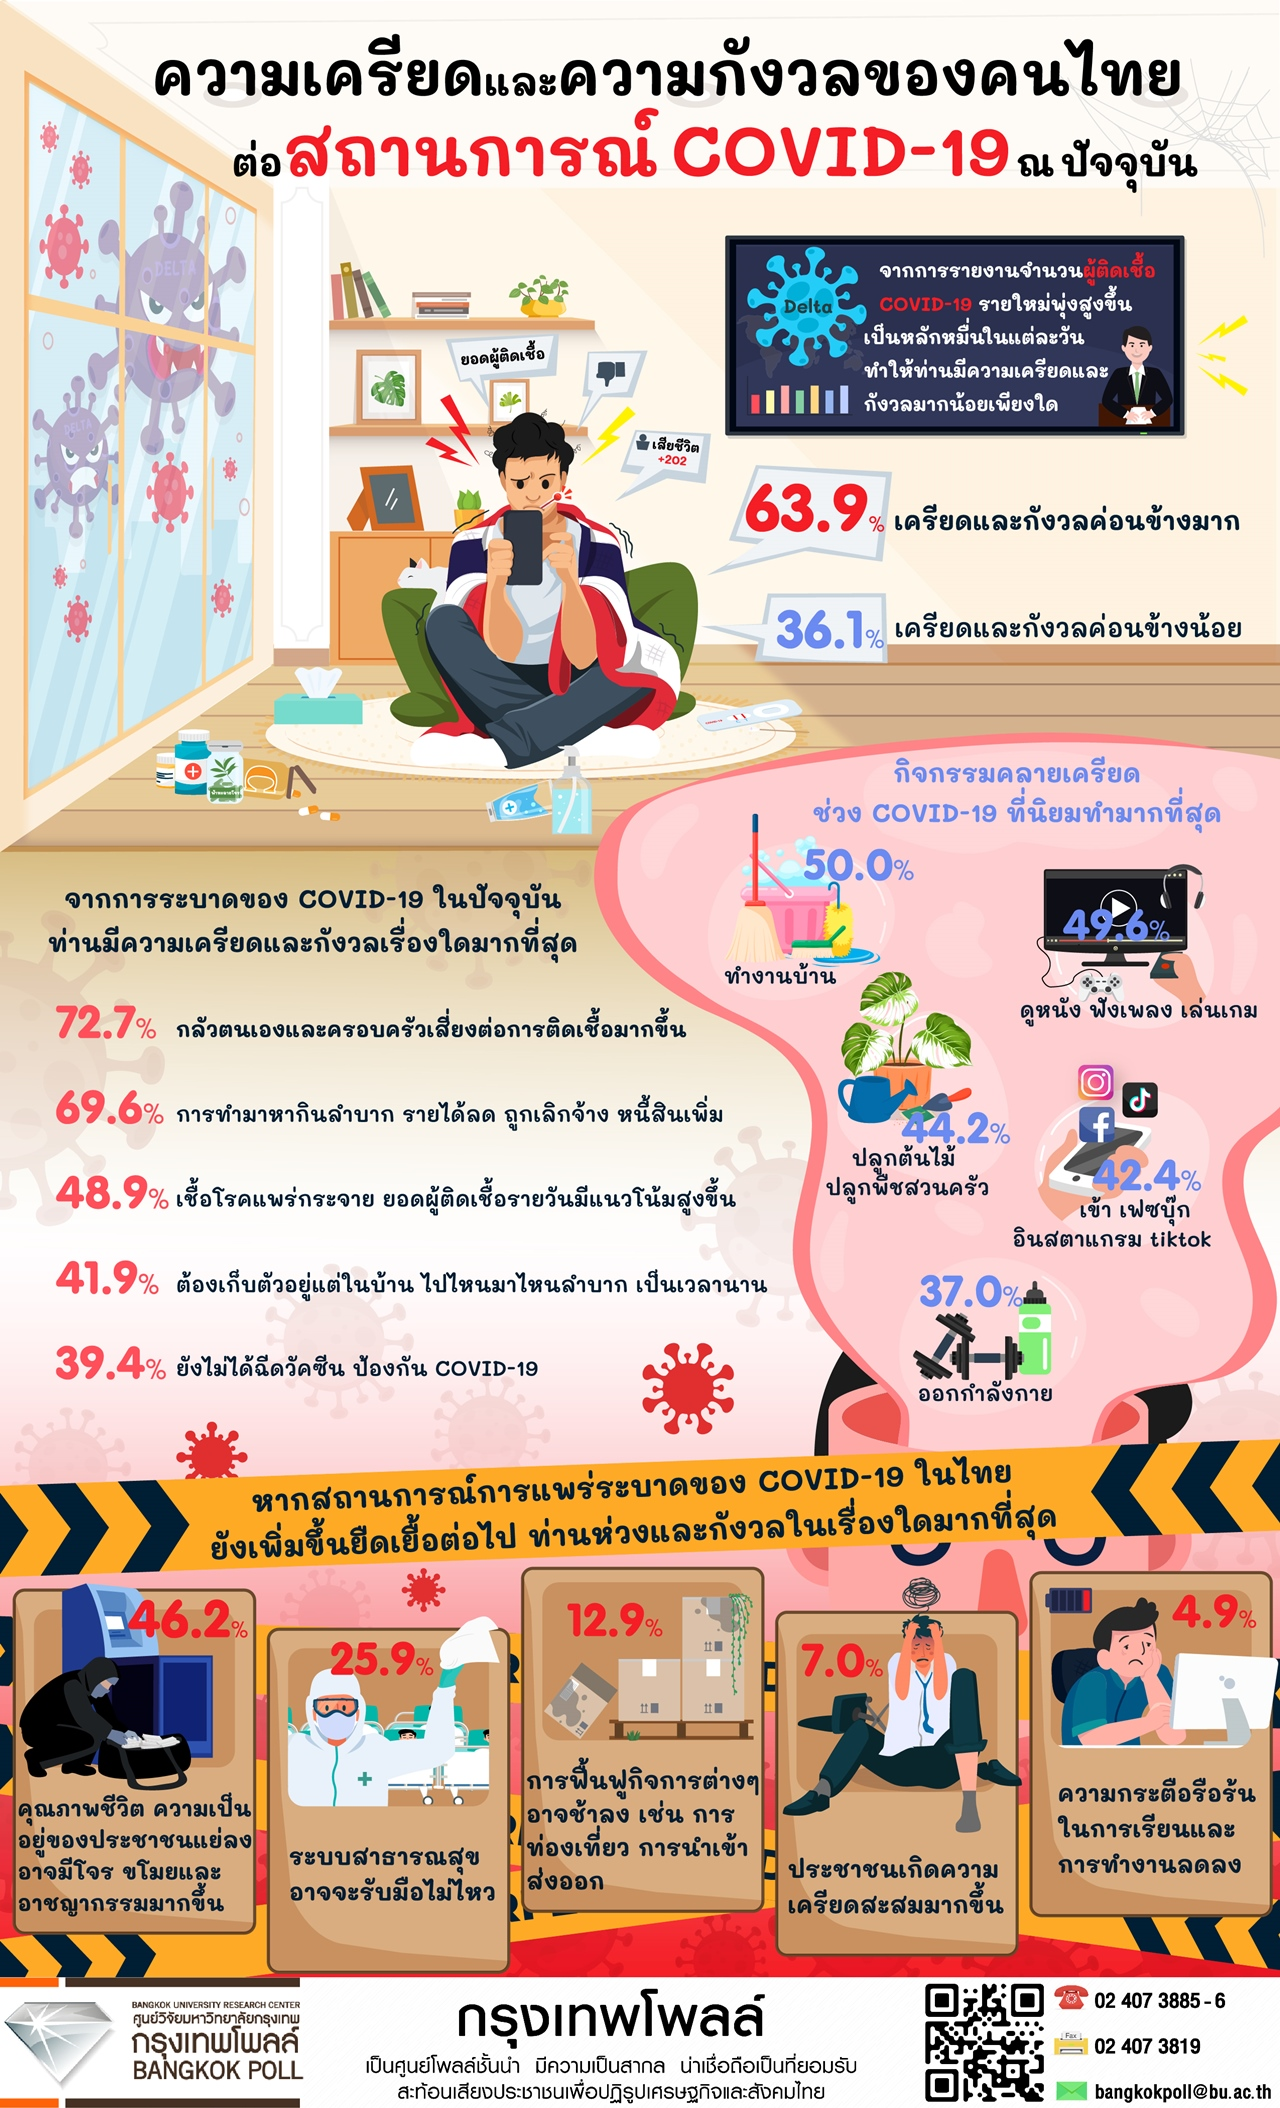 โพลระบุช่วง COVID-19 คนส่วนใหญ่ 63.9% เครียดและกังวลค่อนข้างมากถึงมากที่สุด